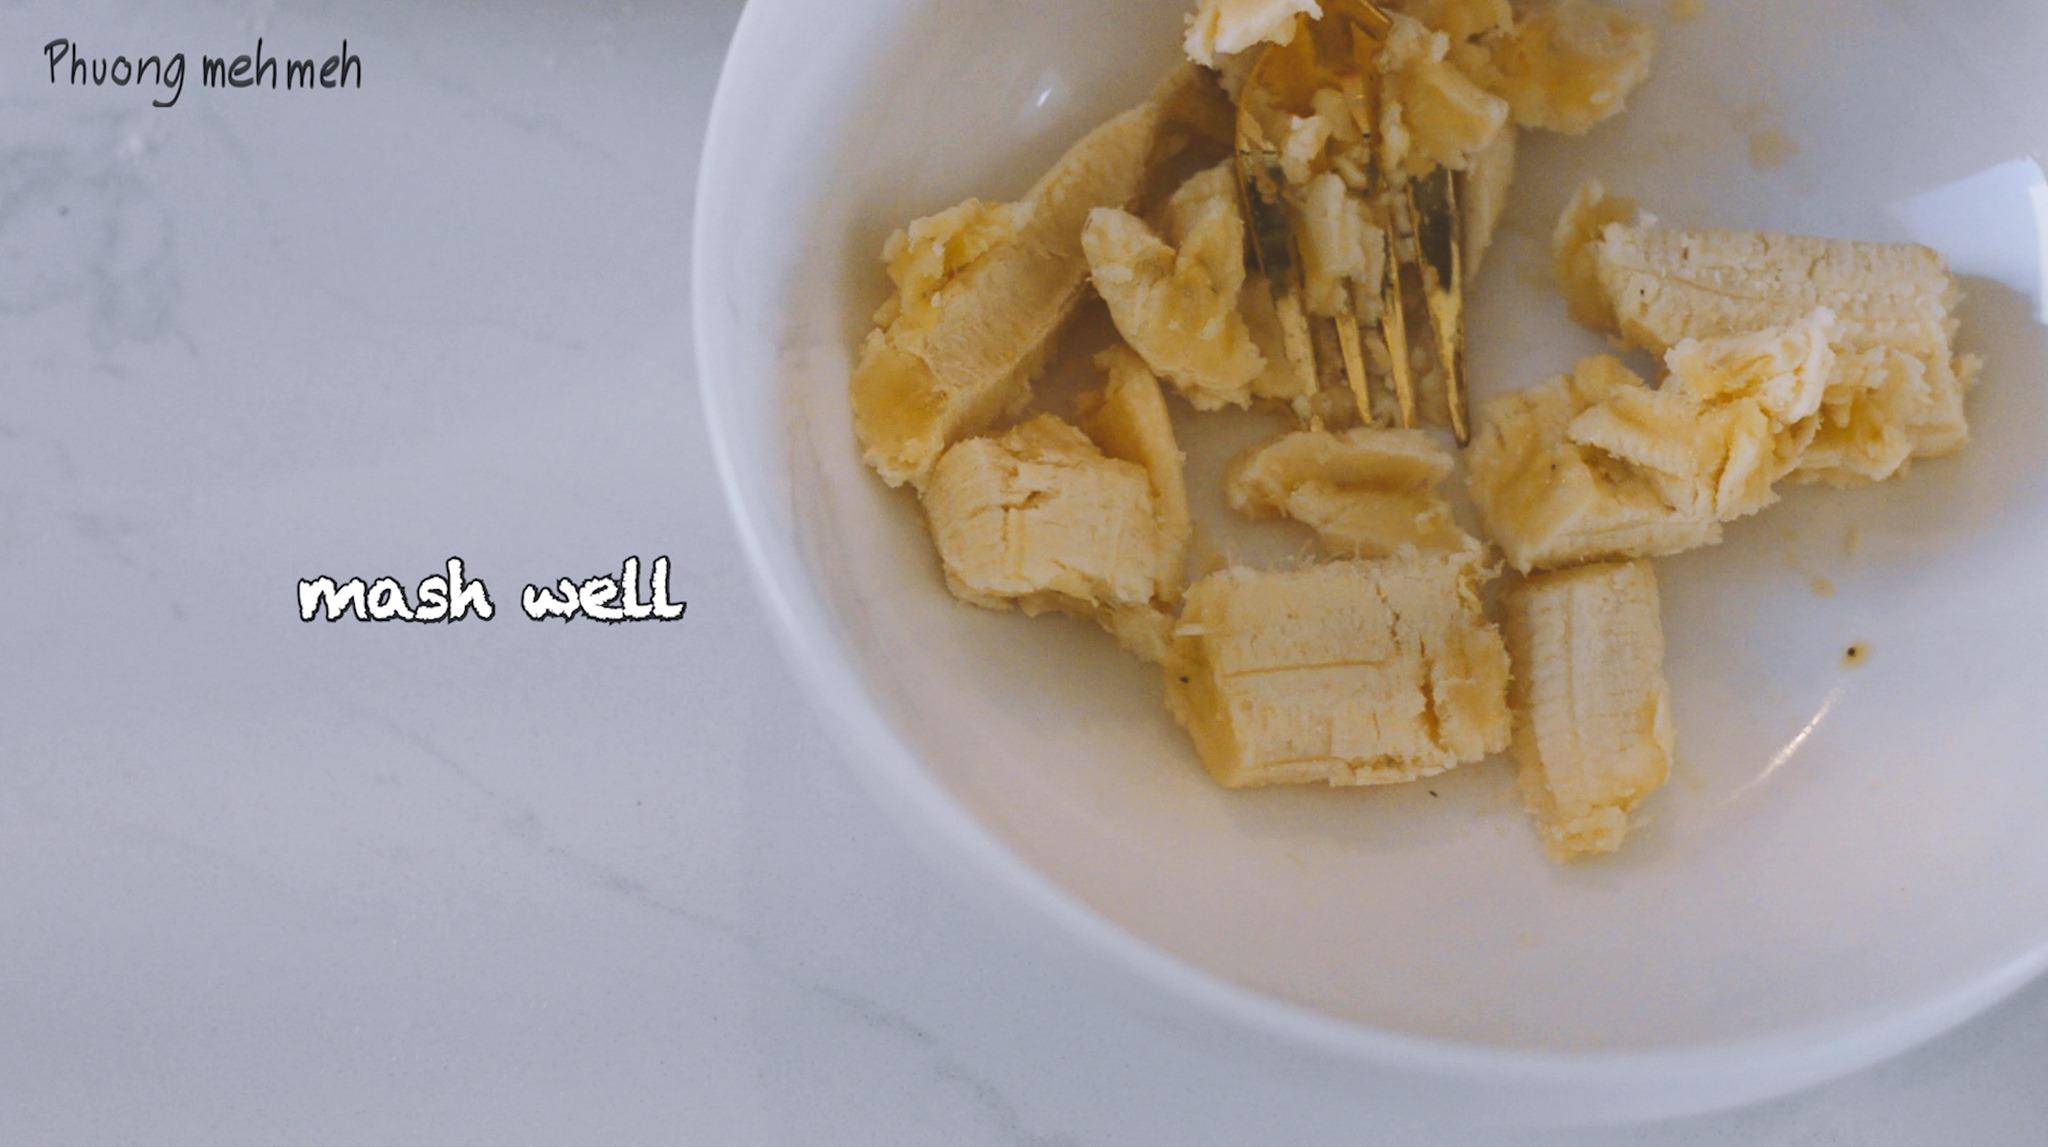 cach lam banh pancake 4